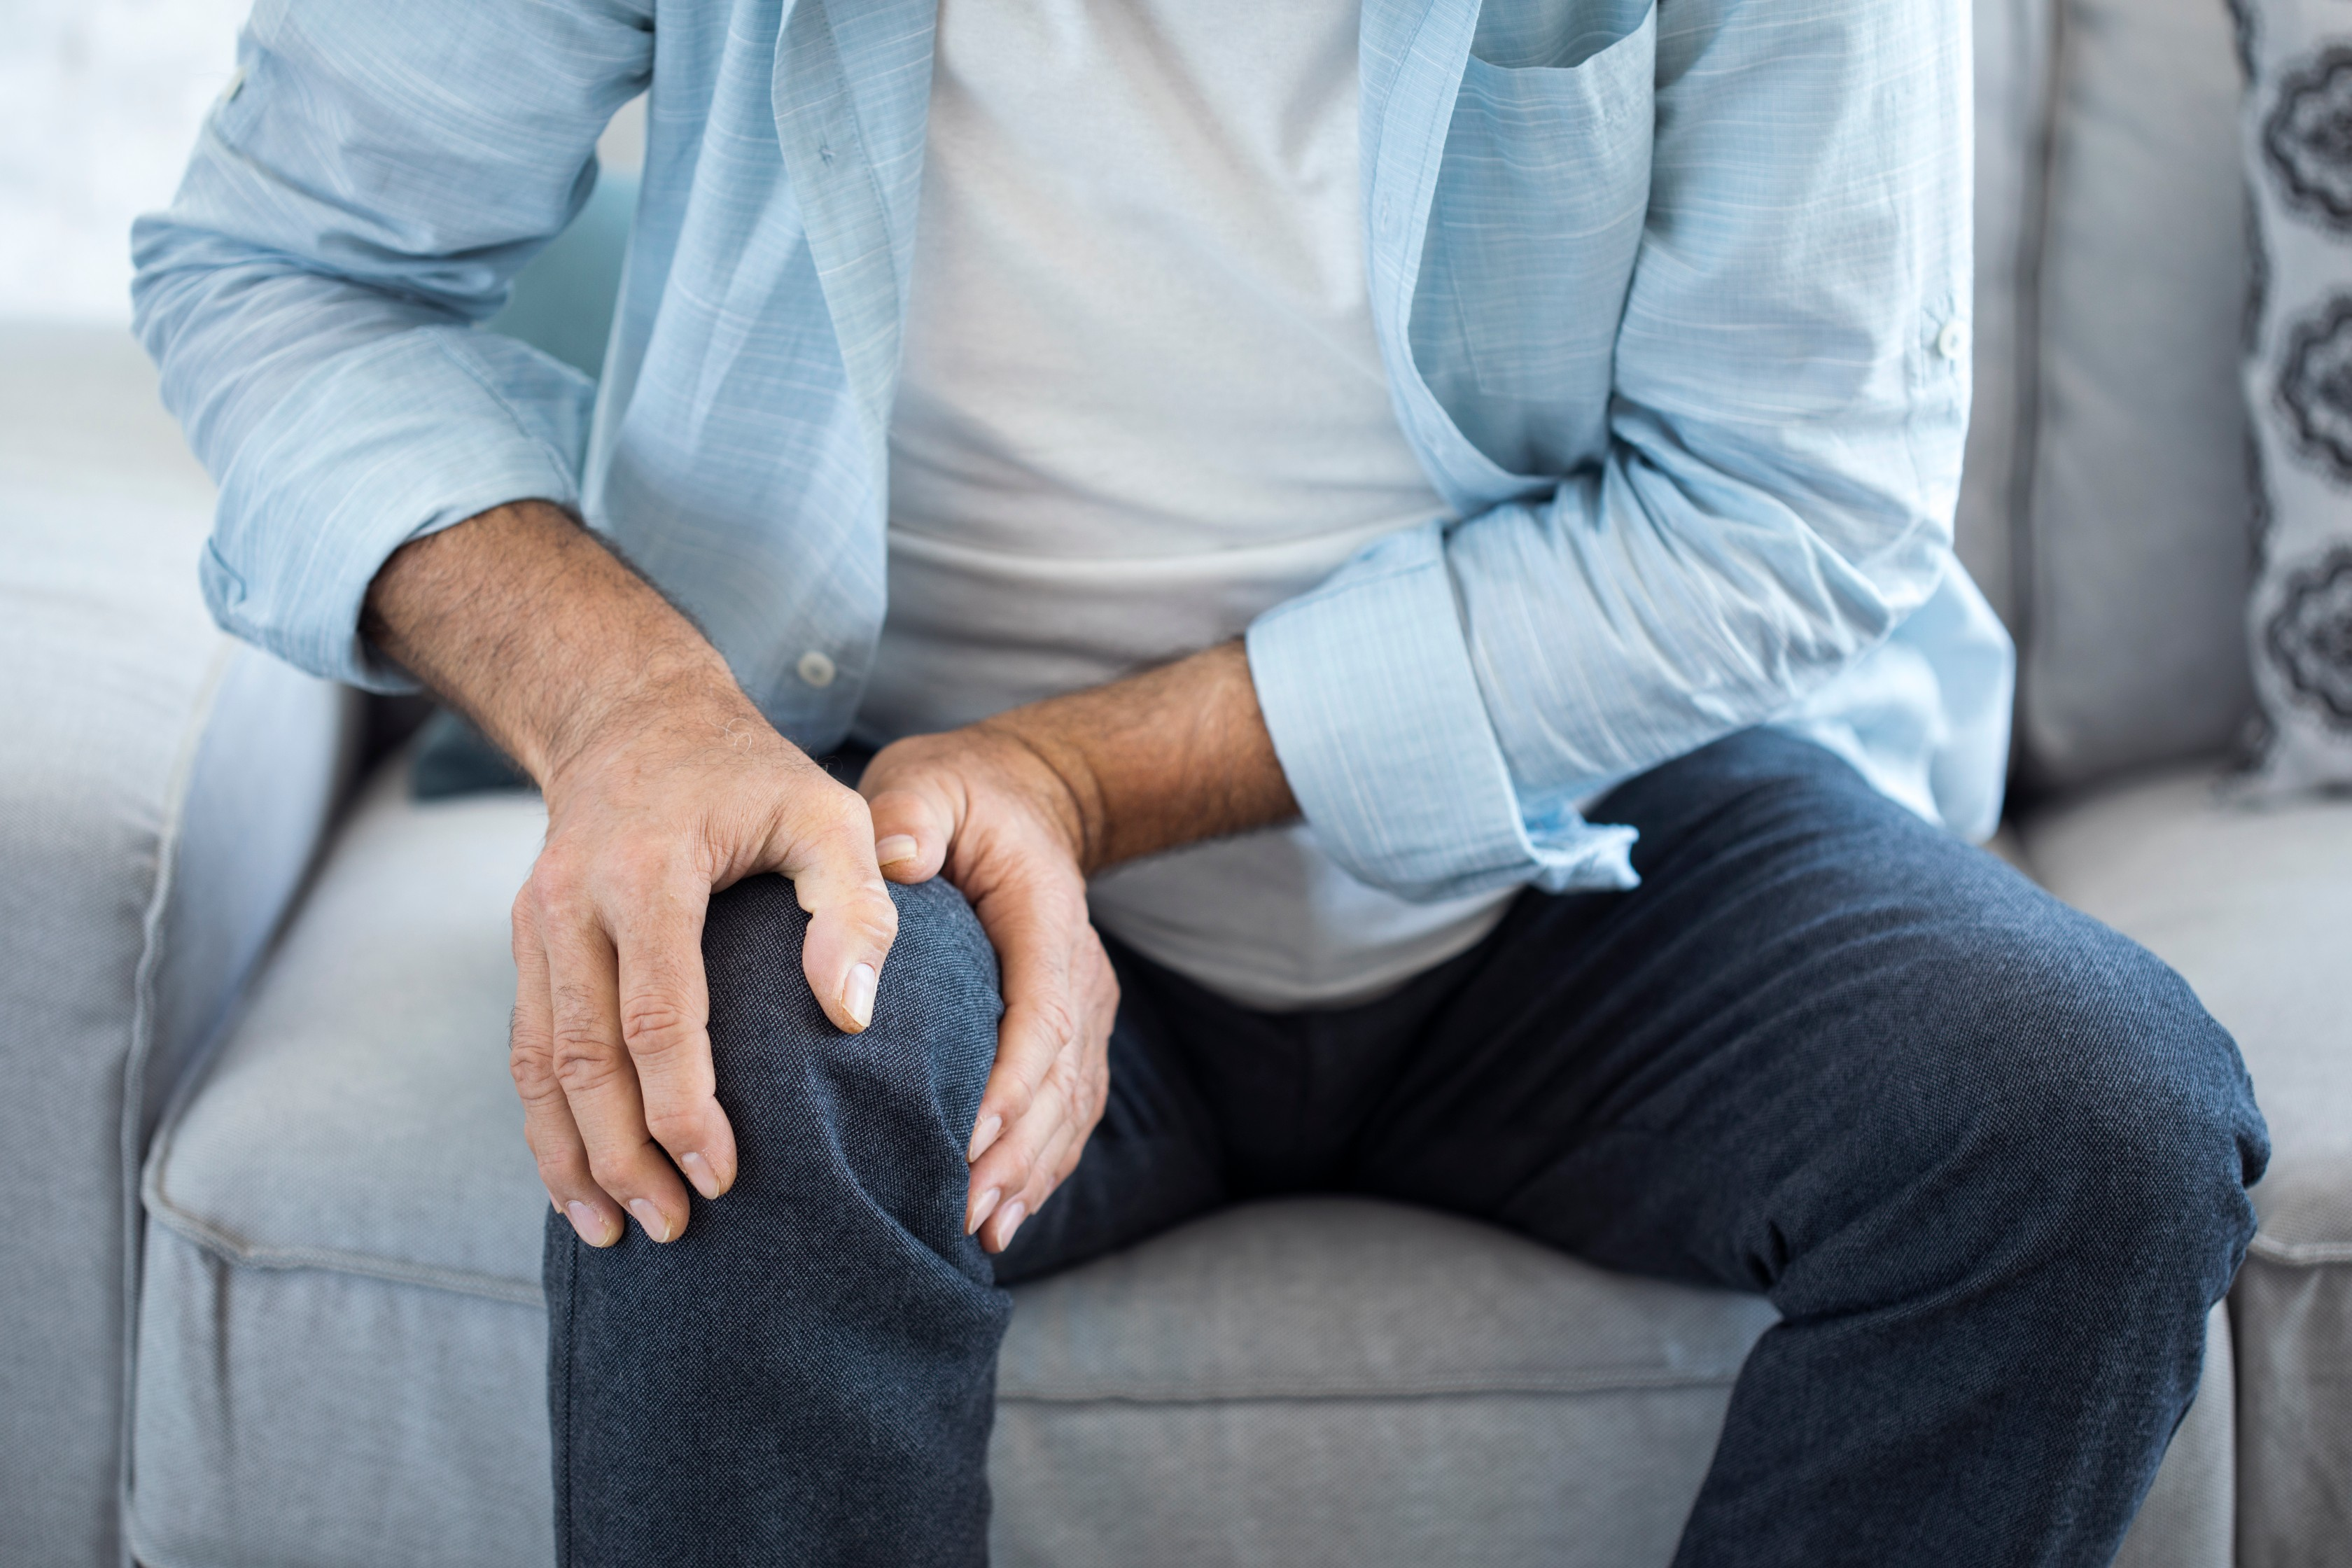 ízületi fájdalom a kar kis ujján gyakorlatok a csípőízület fájdalmához